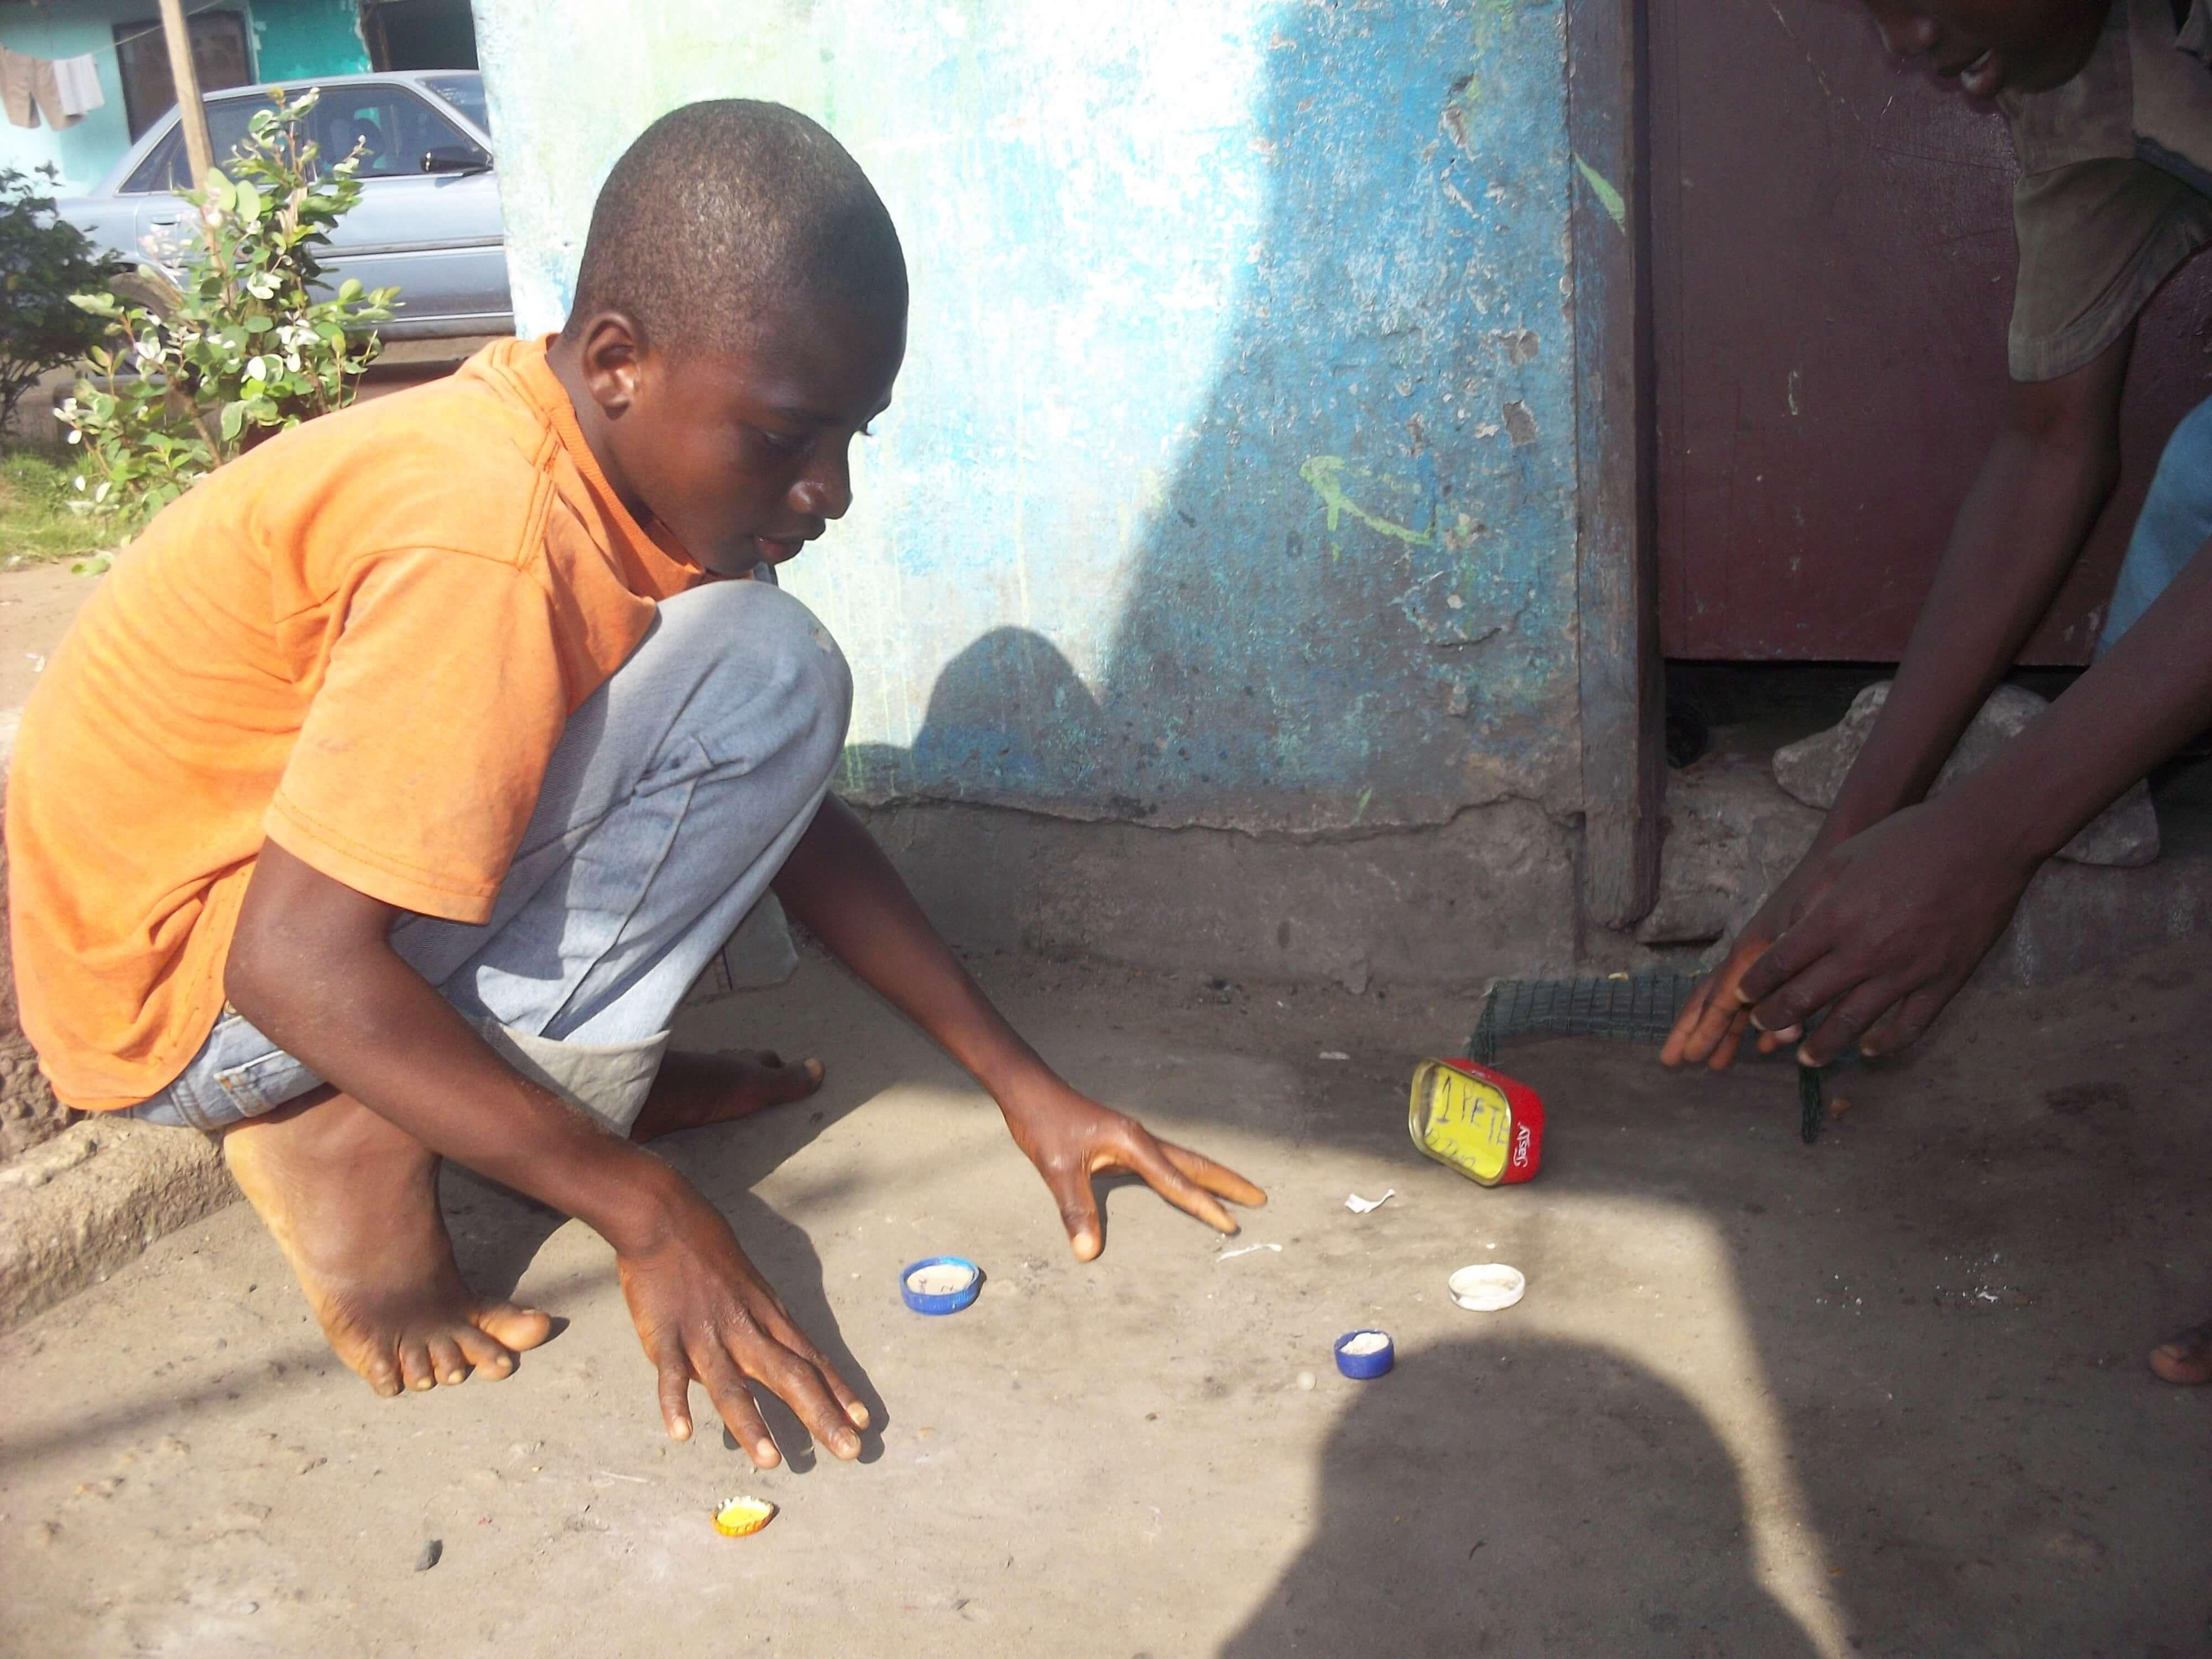 Ici pas de Play Station ! On joue au foot avec des bouchons (les bleus contre les jaunes)  et des  b